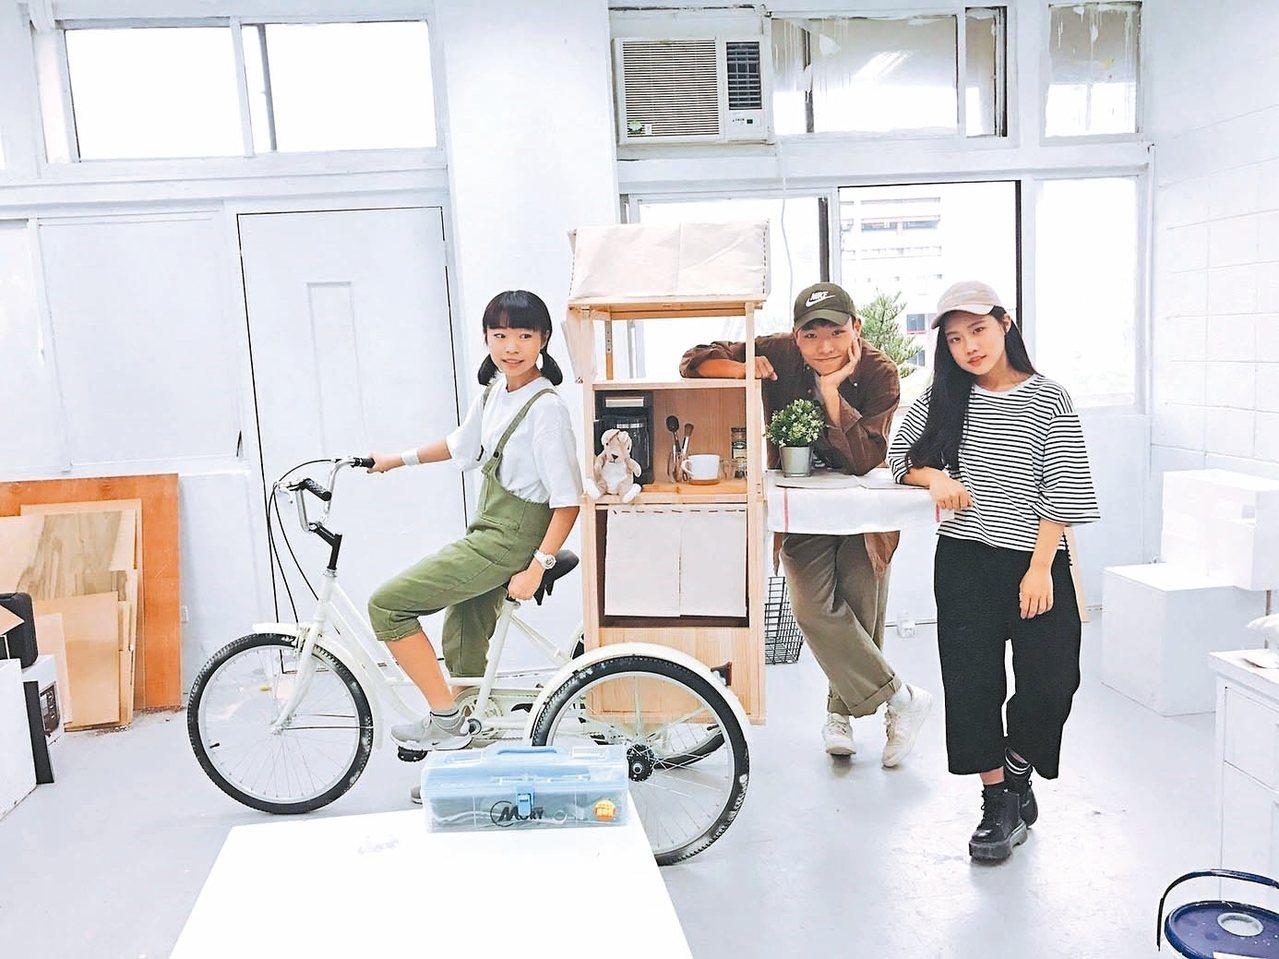 元智大學藝術與設計系大一生陳玟蒨(左起)、王昱惟和蔡瑋倫共同打造咖啡廳,設計受到...